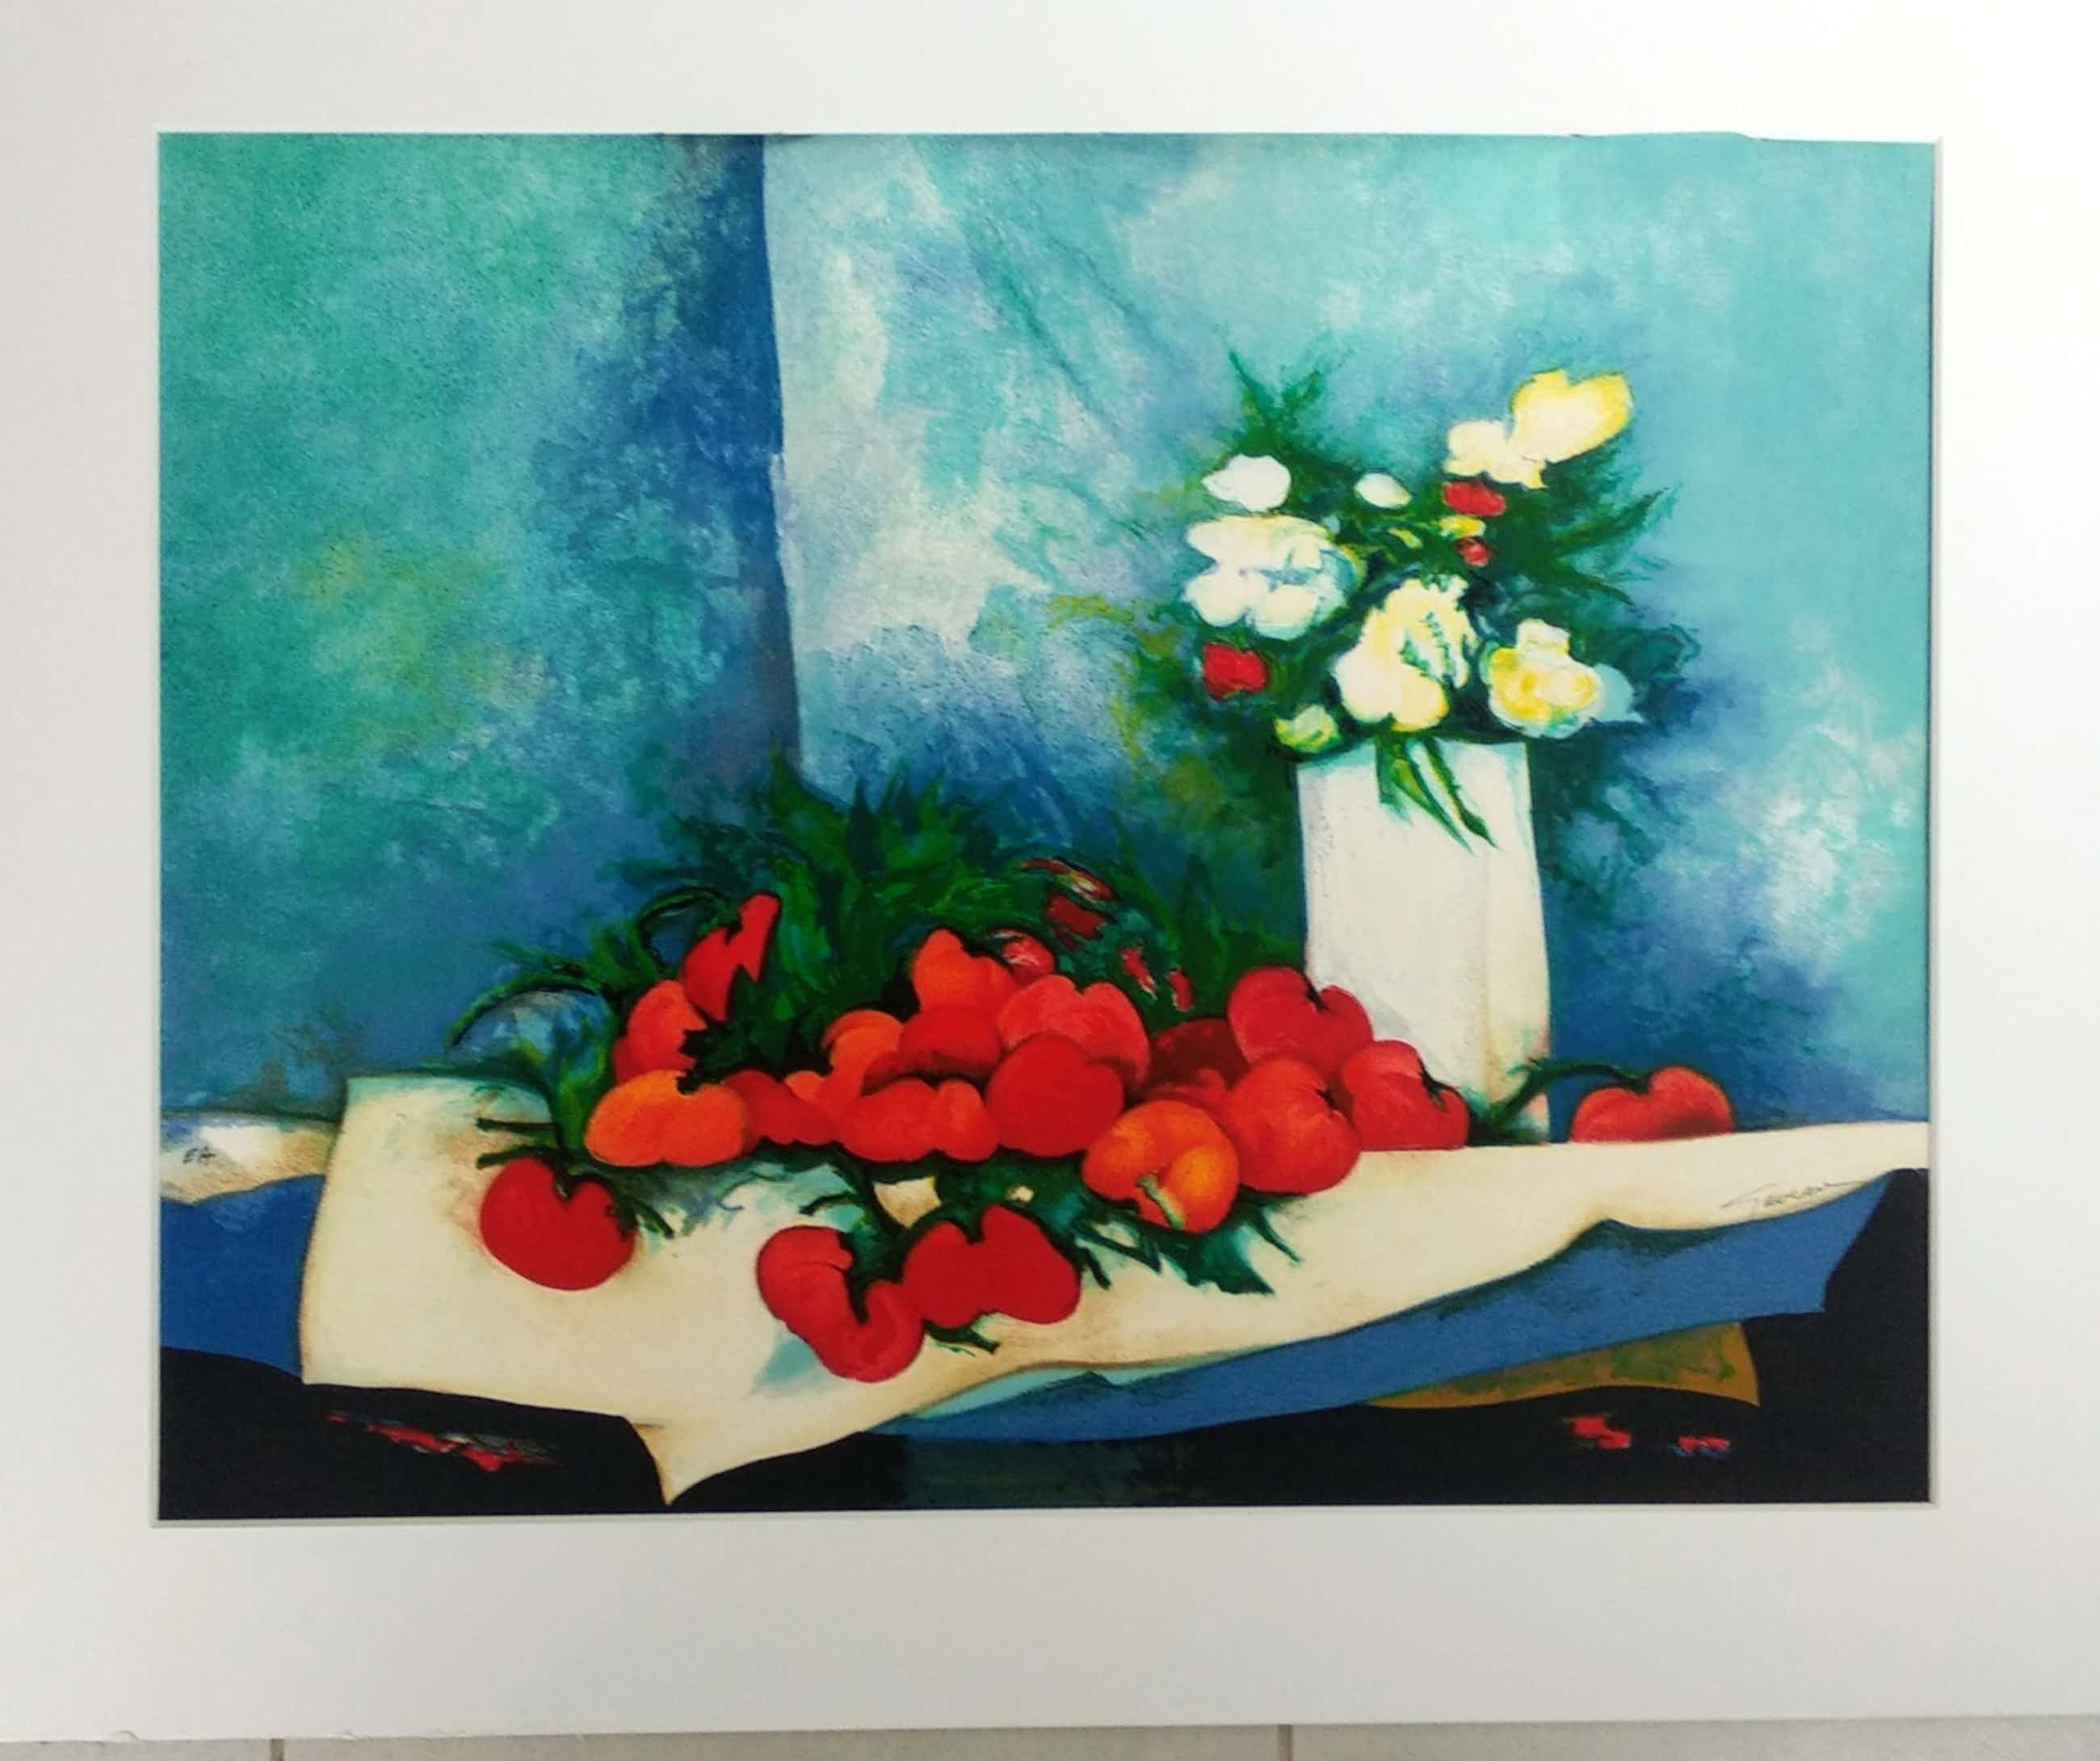 Claude Gaveau - Blumen und Tomaten, Farblithographie kopen? Bied vanaf 130!